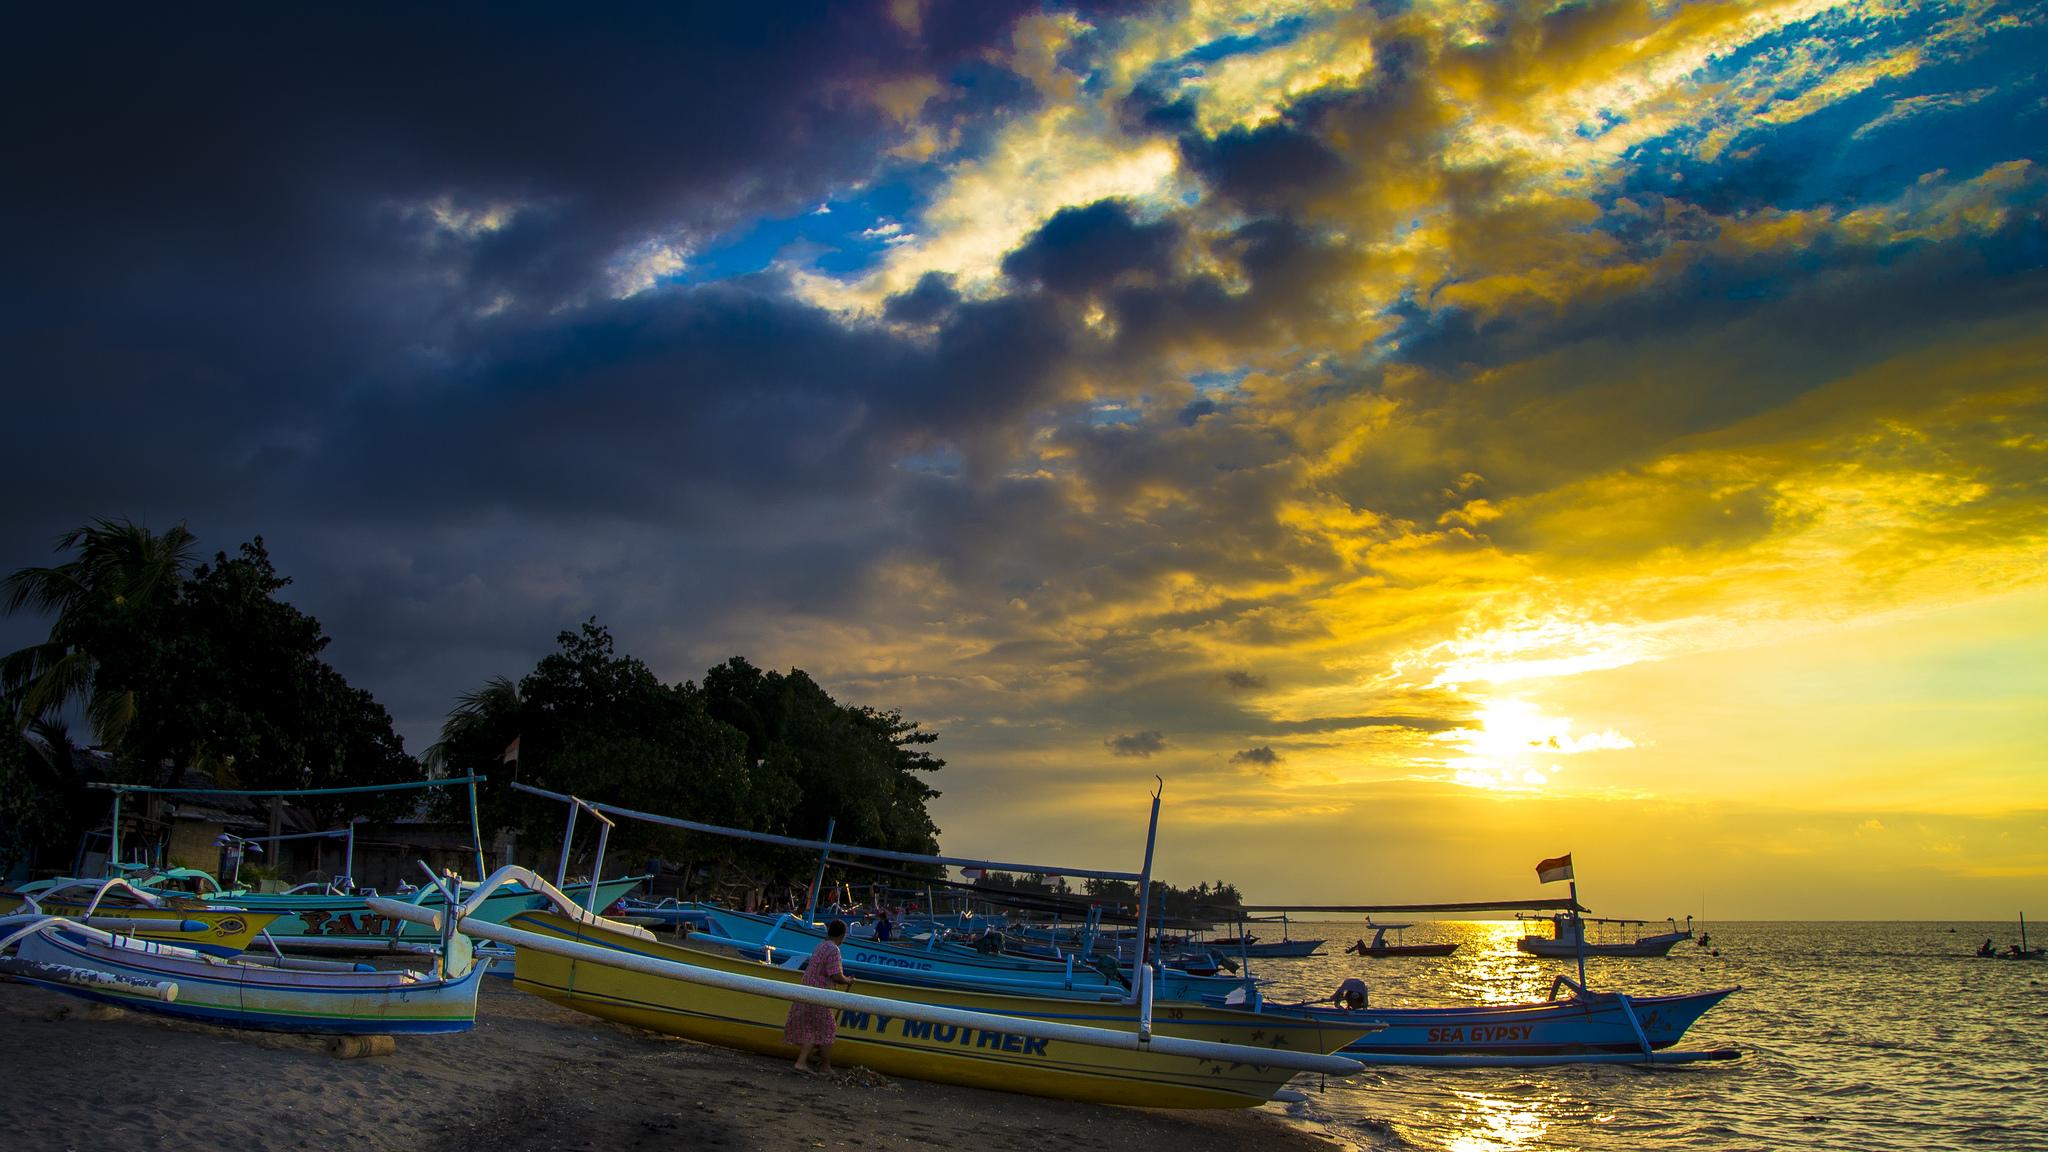 Колоритная экзотика Бали для туристов в 2019 новые фото